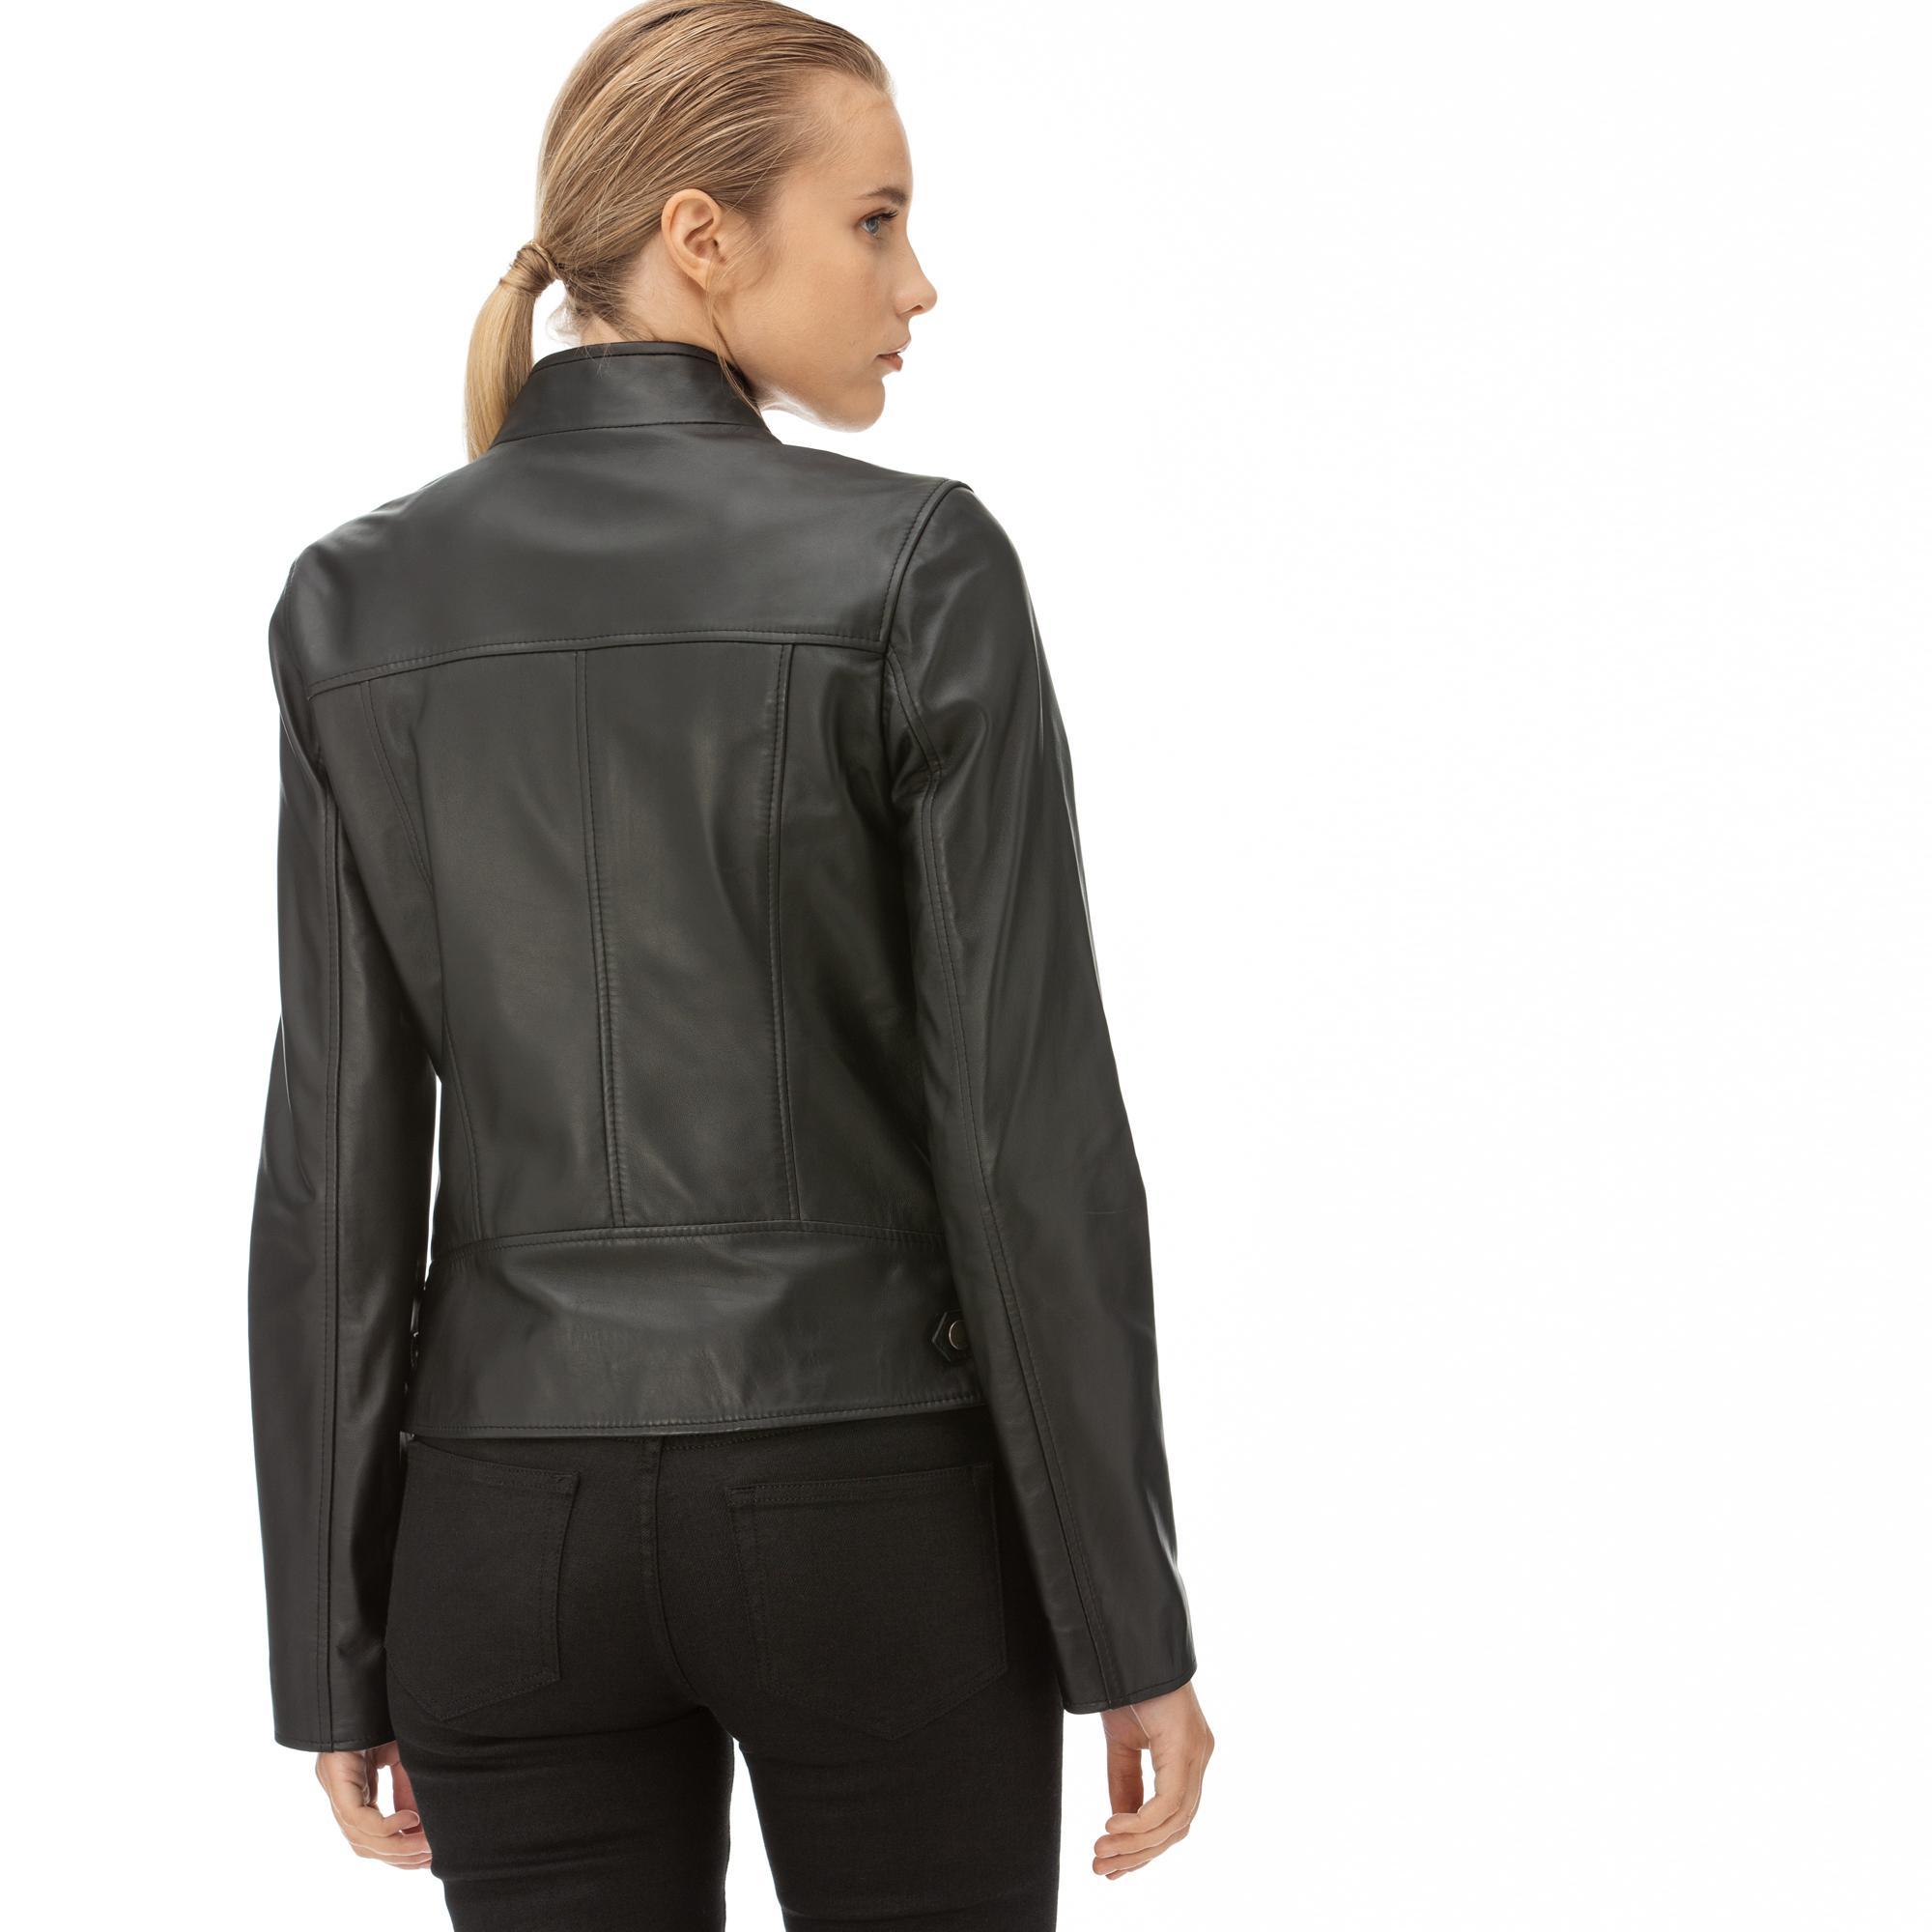 Lacoste Kadın Siyah Deri Ceket